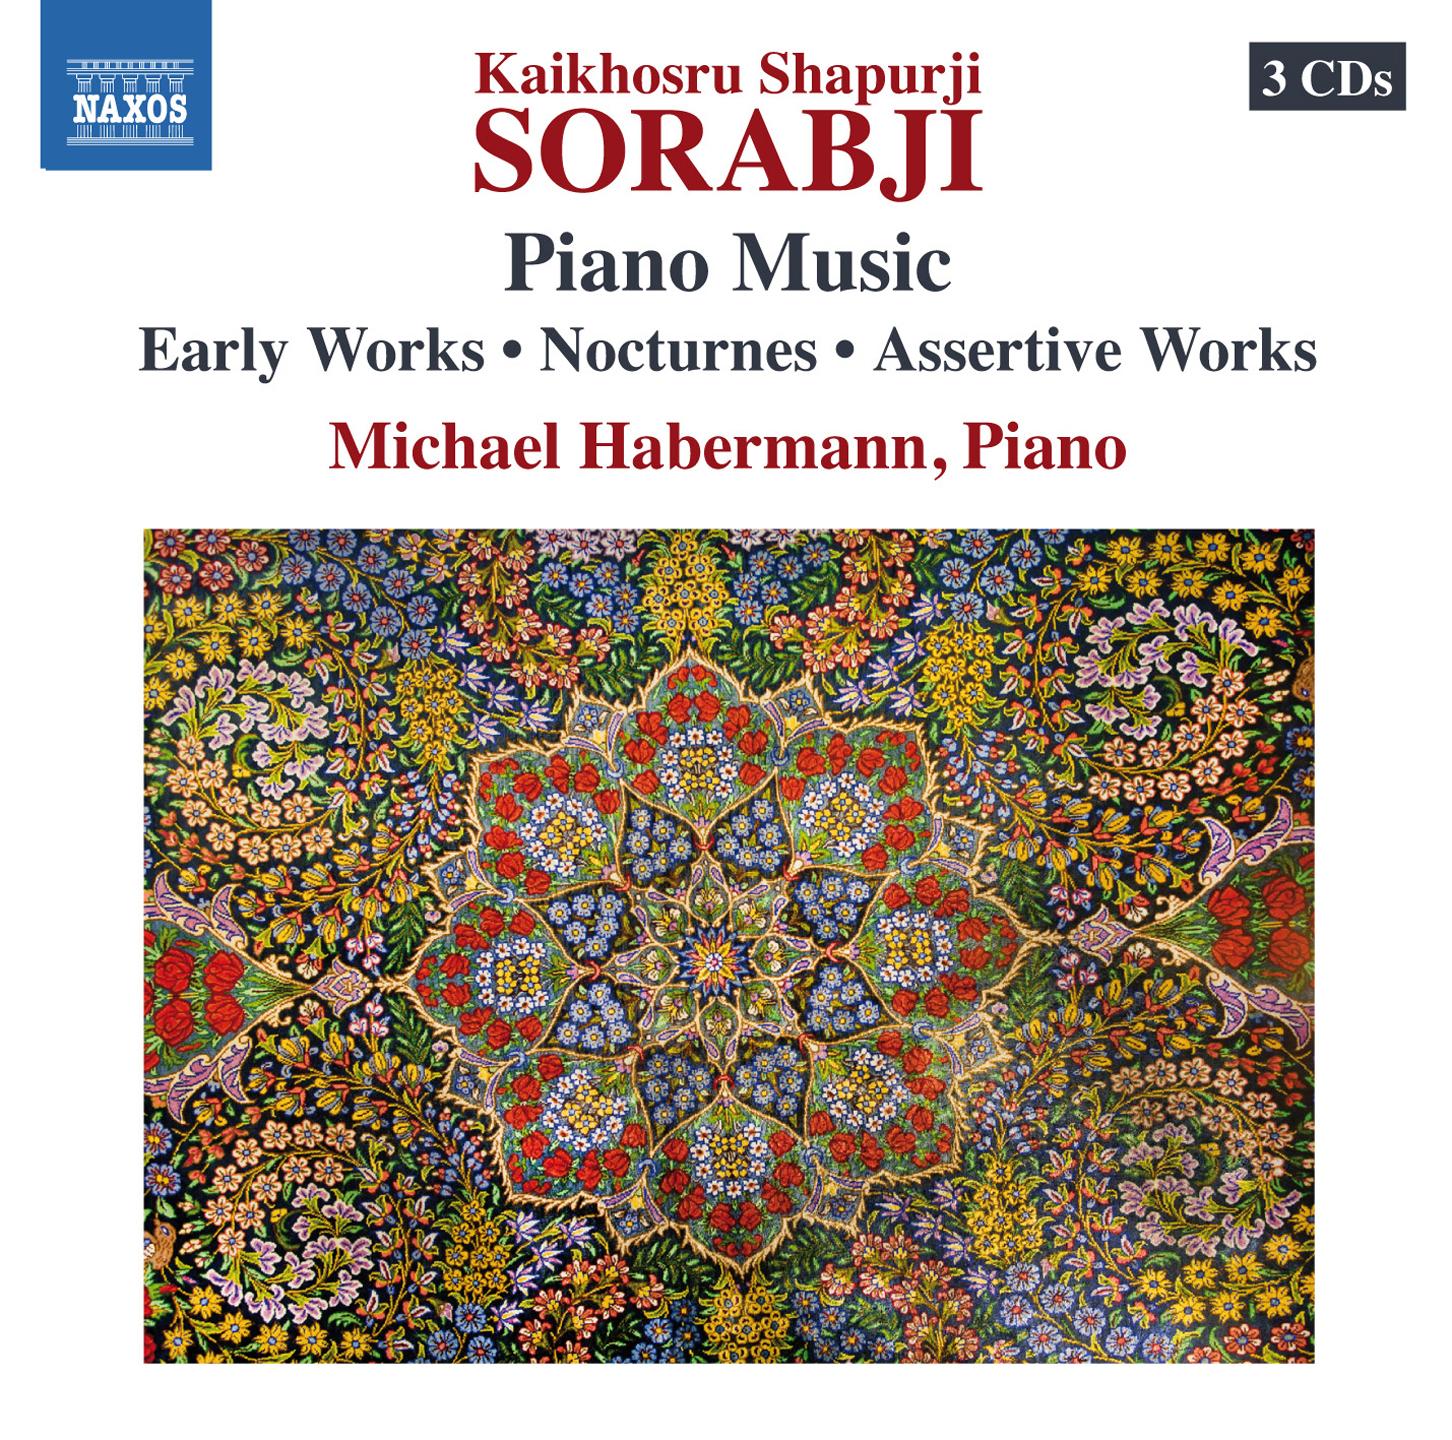 Sorabji: Piano Music